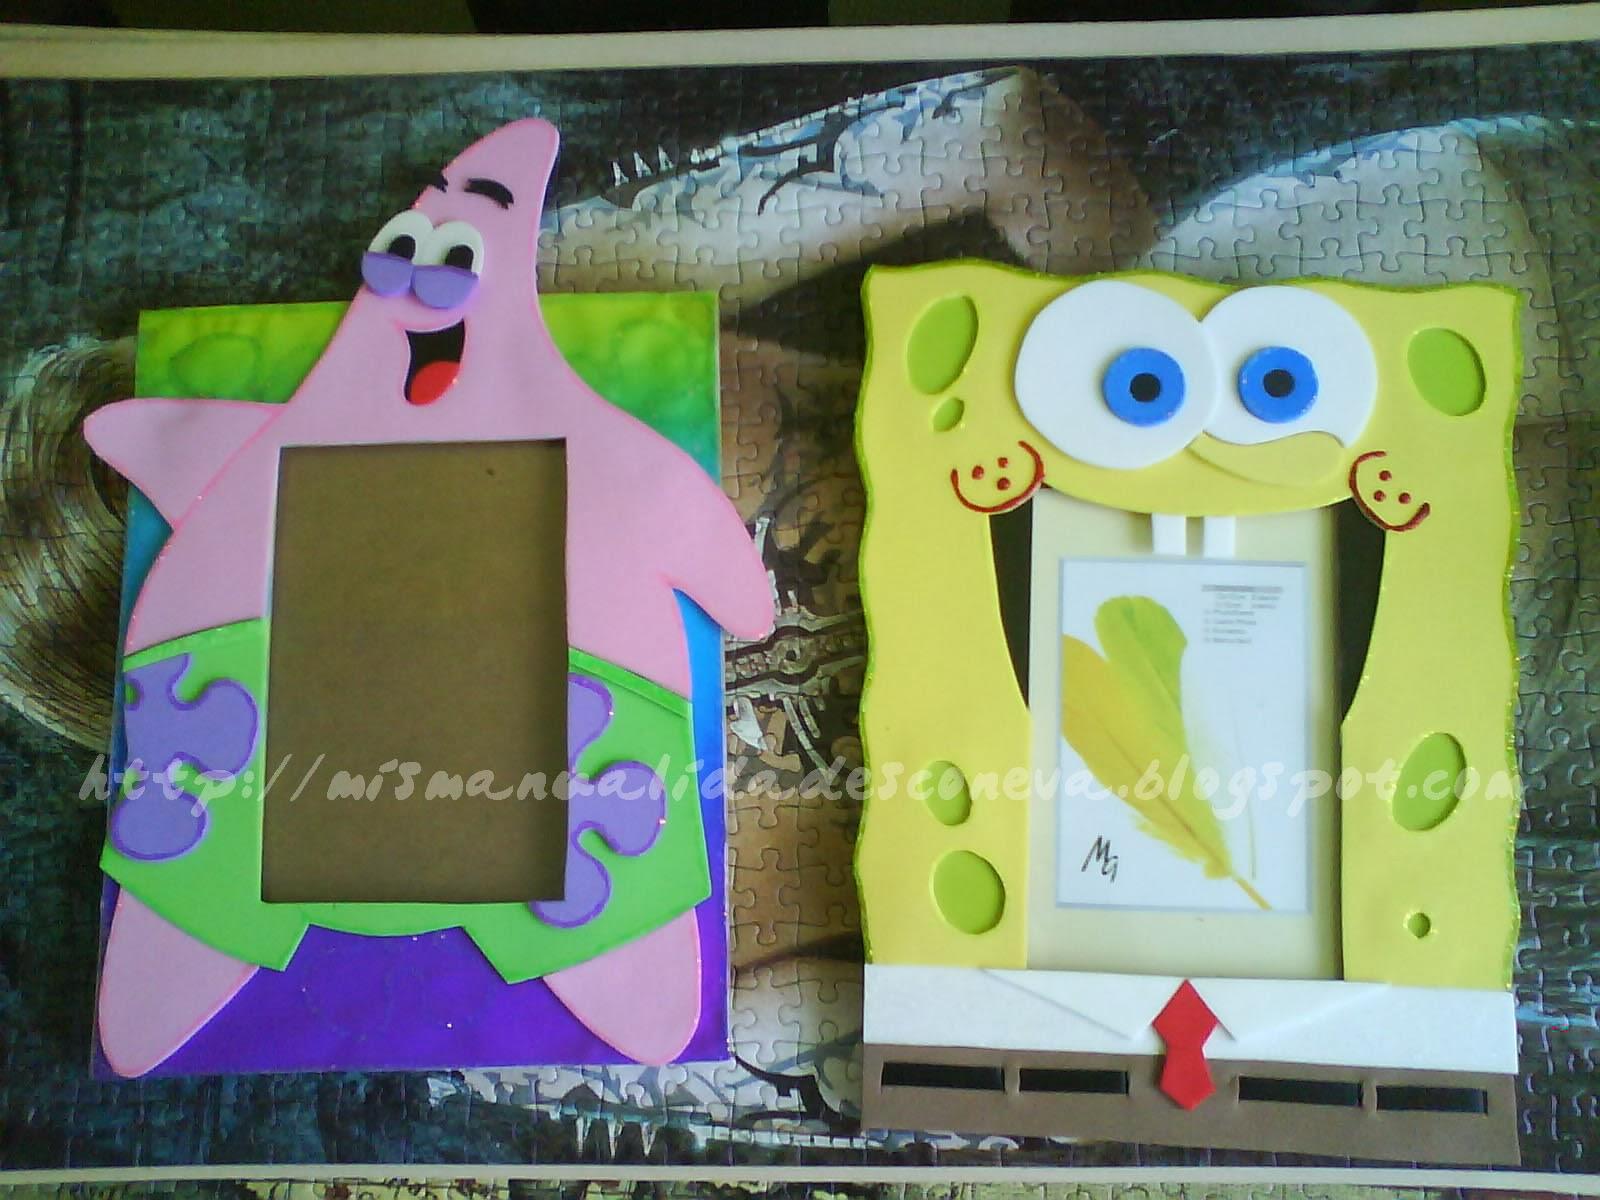 Mis manualidades con eva marcos de fotos de bob esponja y - Marcos fotos manualidades ...